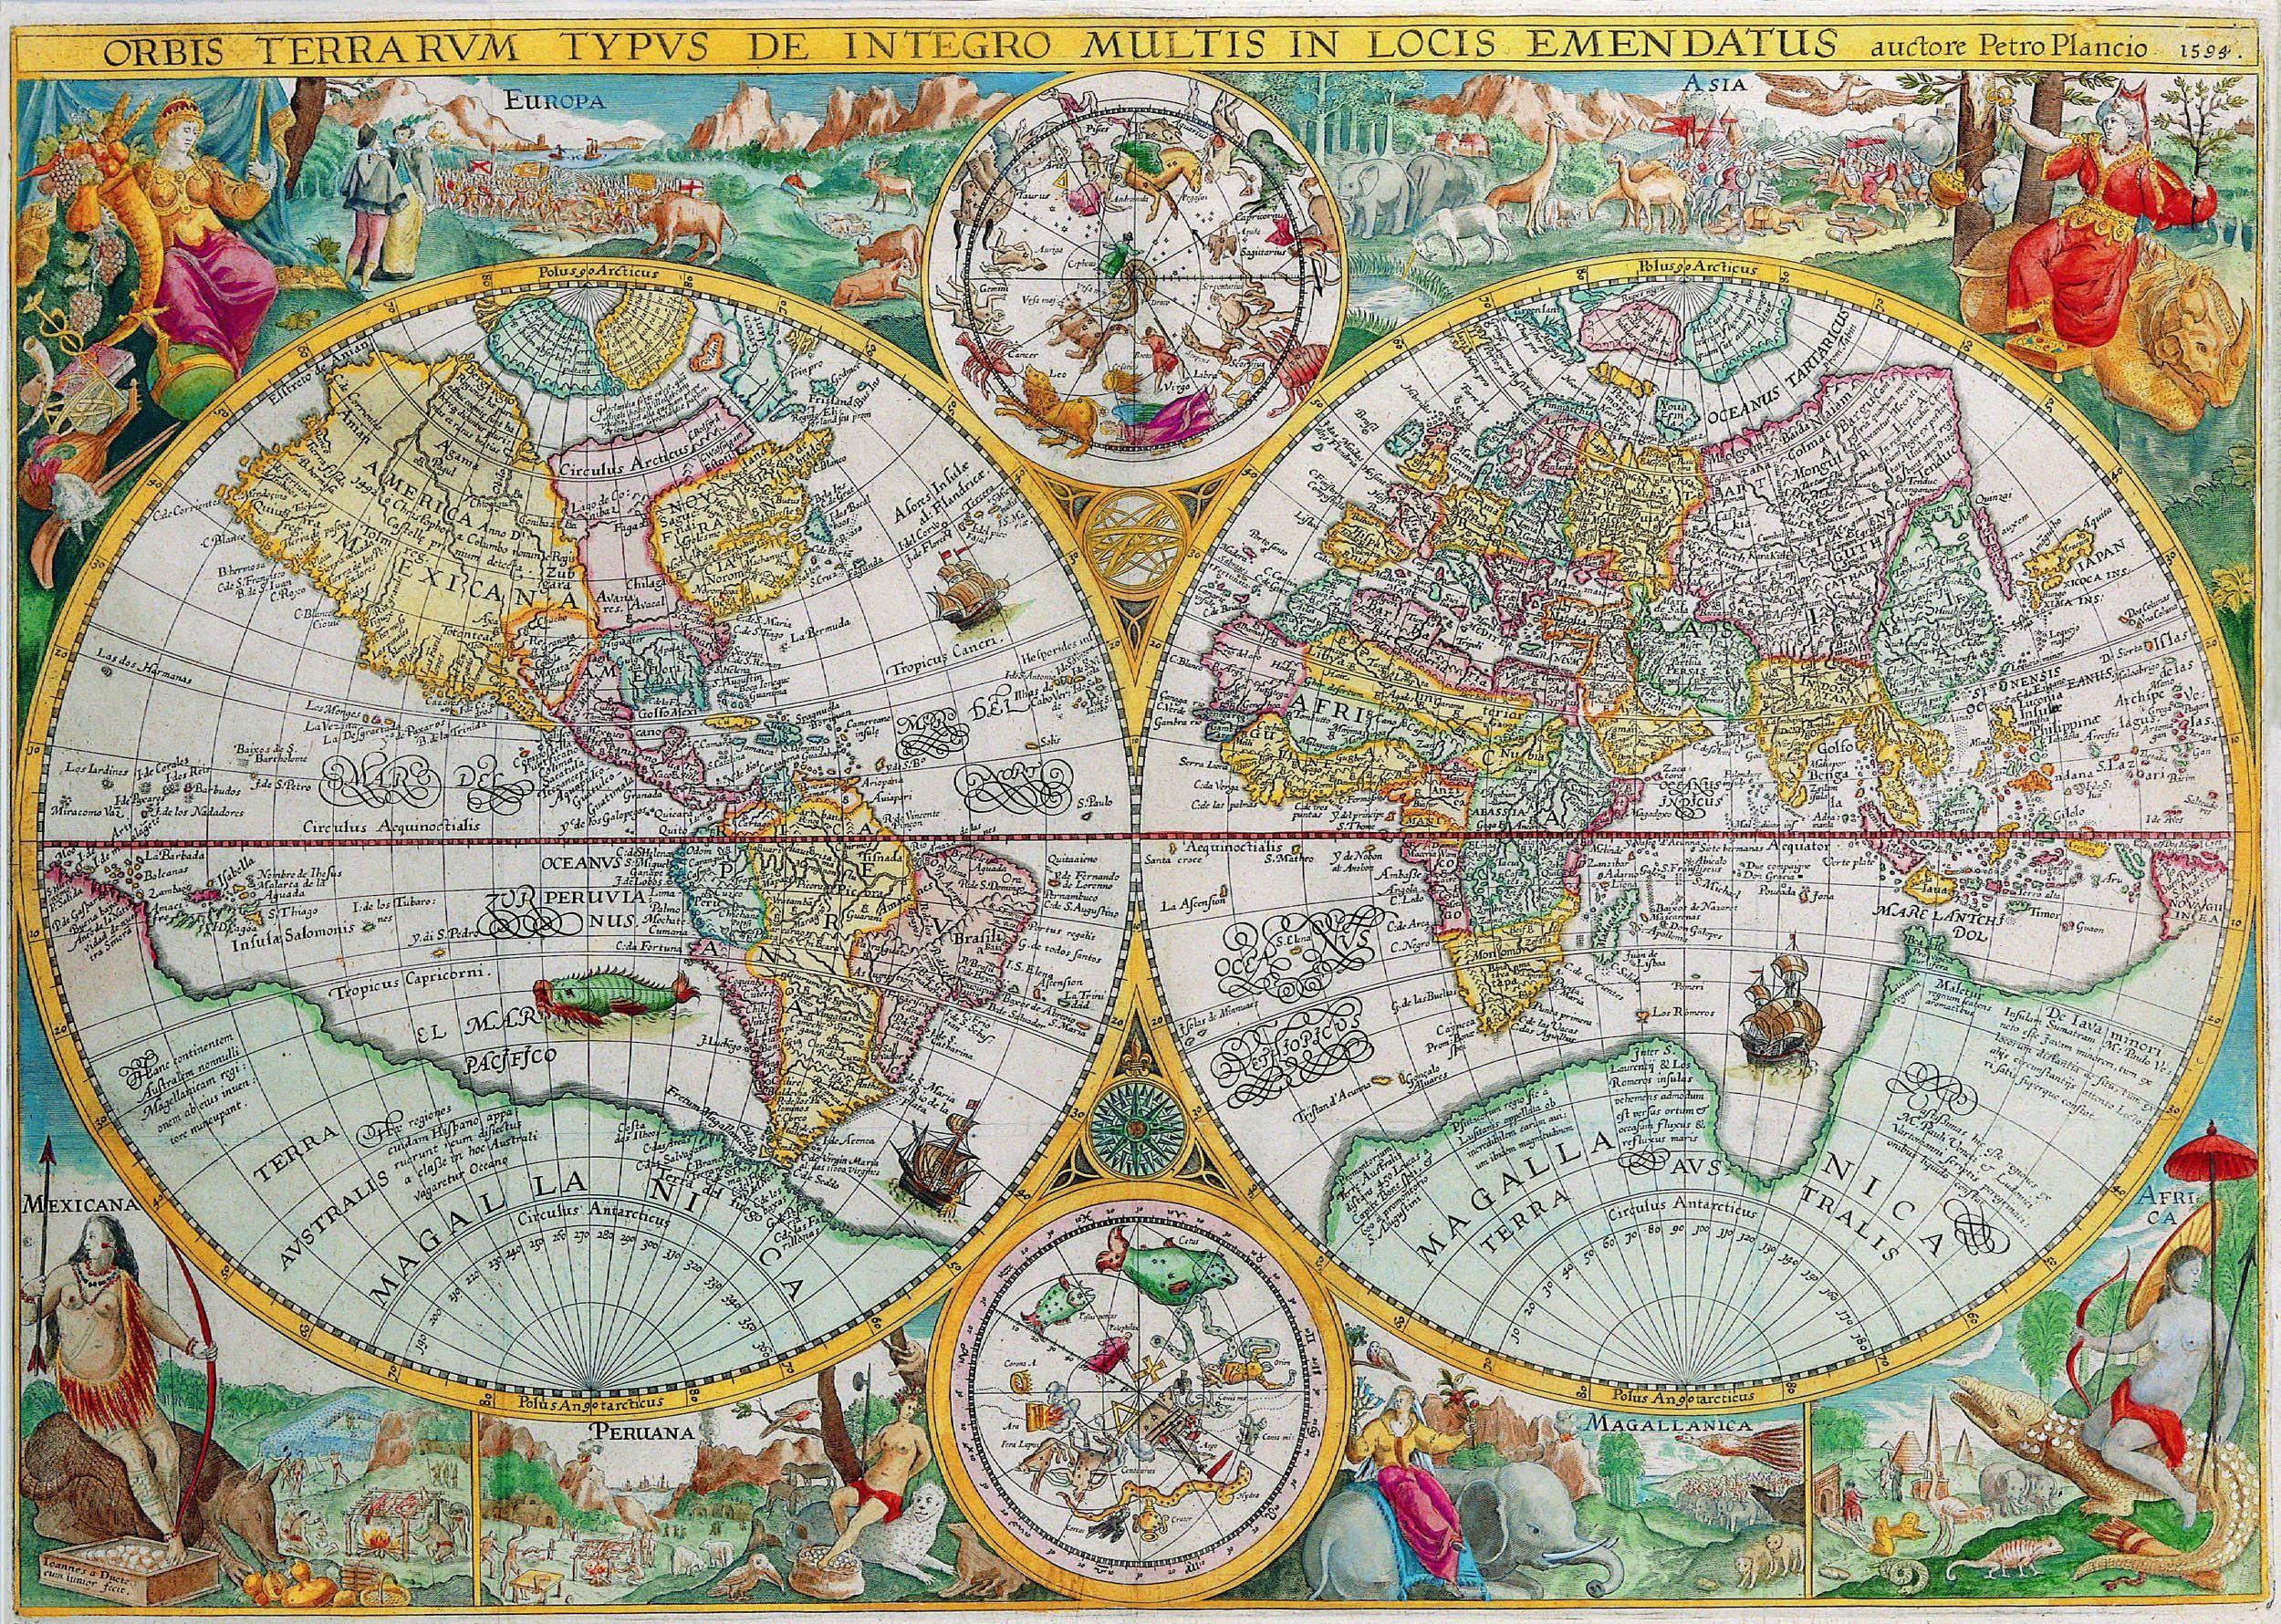 PLANCIO, Petro - Orbis Terrarum, 1594